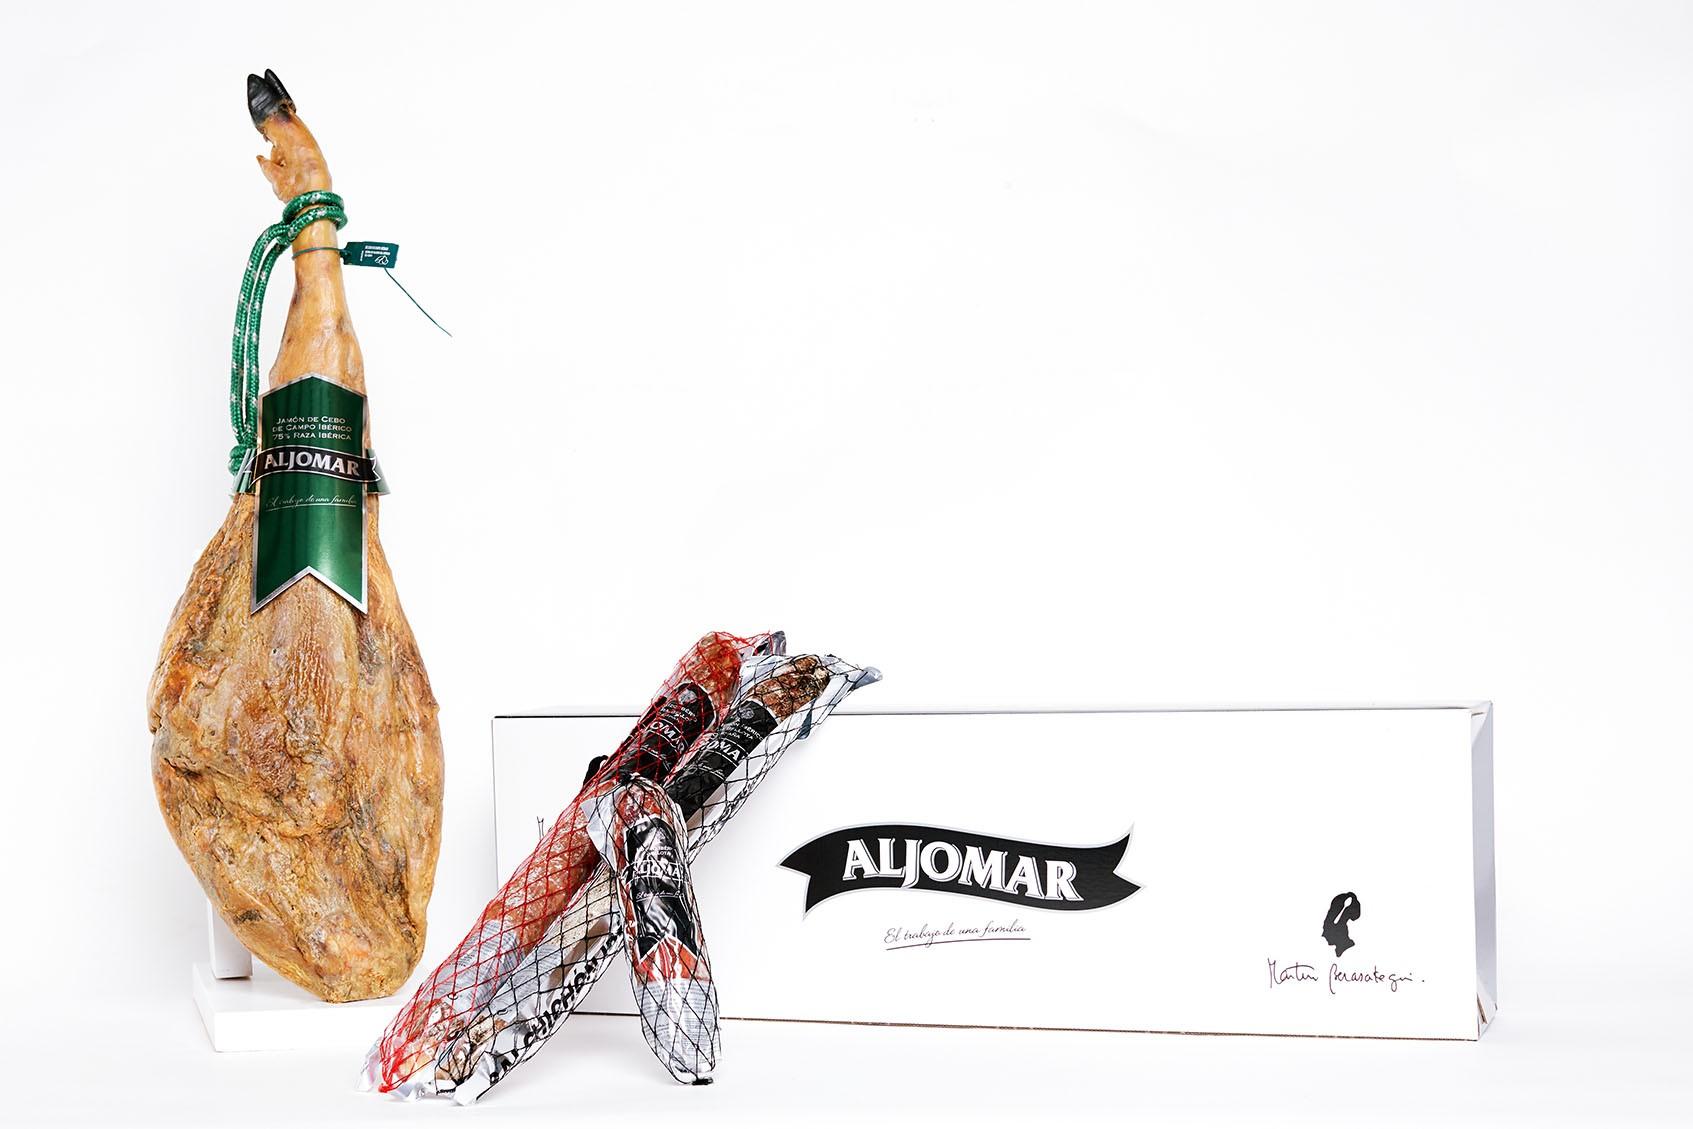 Nuevo Recetario de Carnes Ibéricas Aljomar BY Arrabal